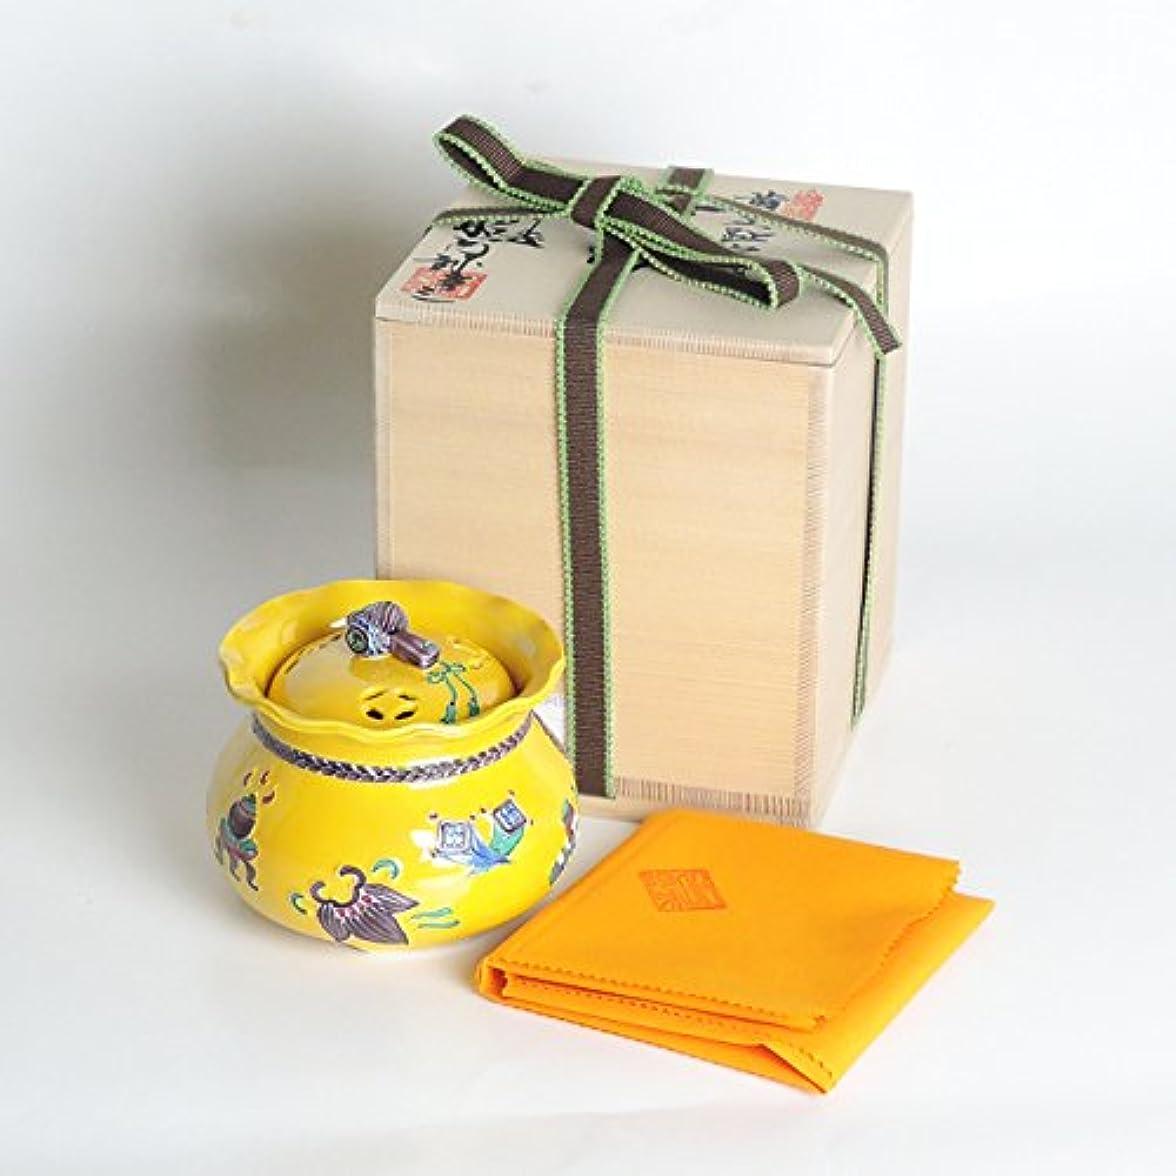 豆腐ポイントワックス清水焼 京焼 香炉 「黄交趾宝袋」 川本屋茶舗